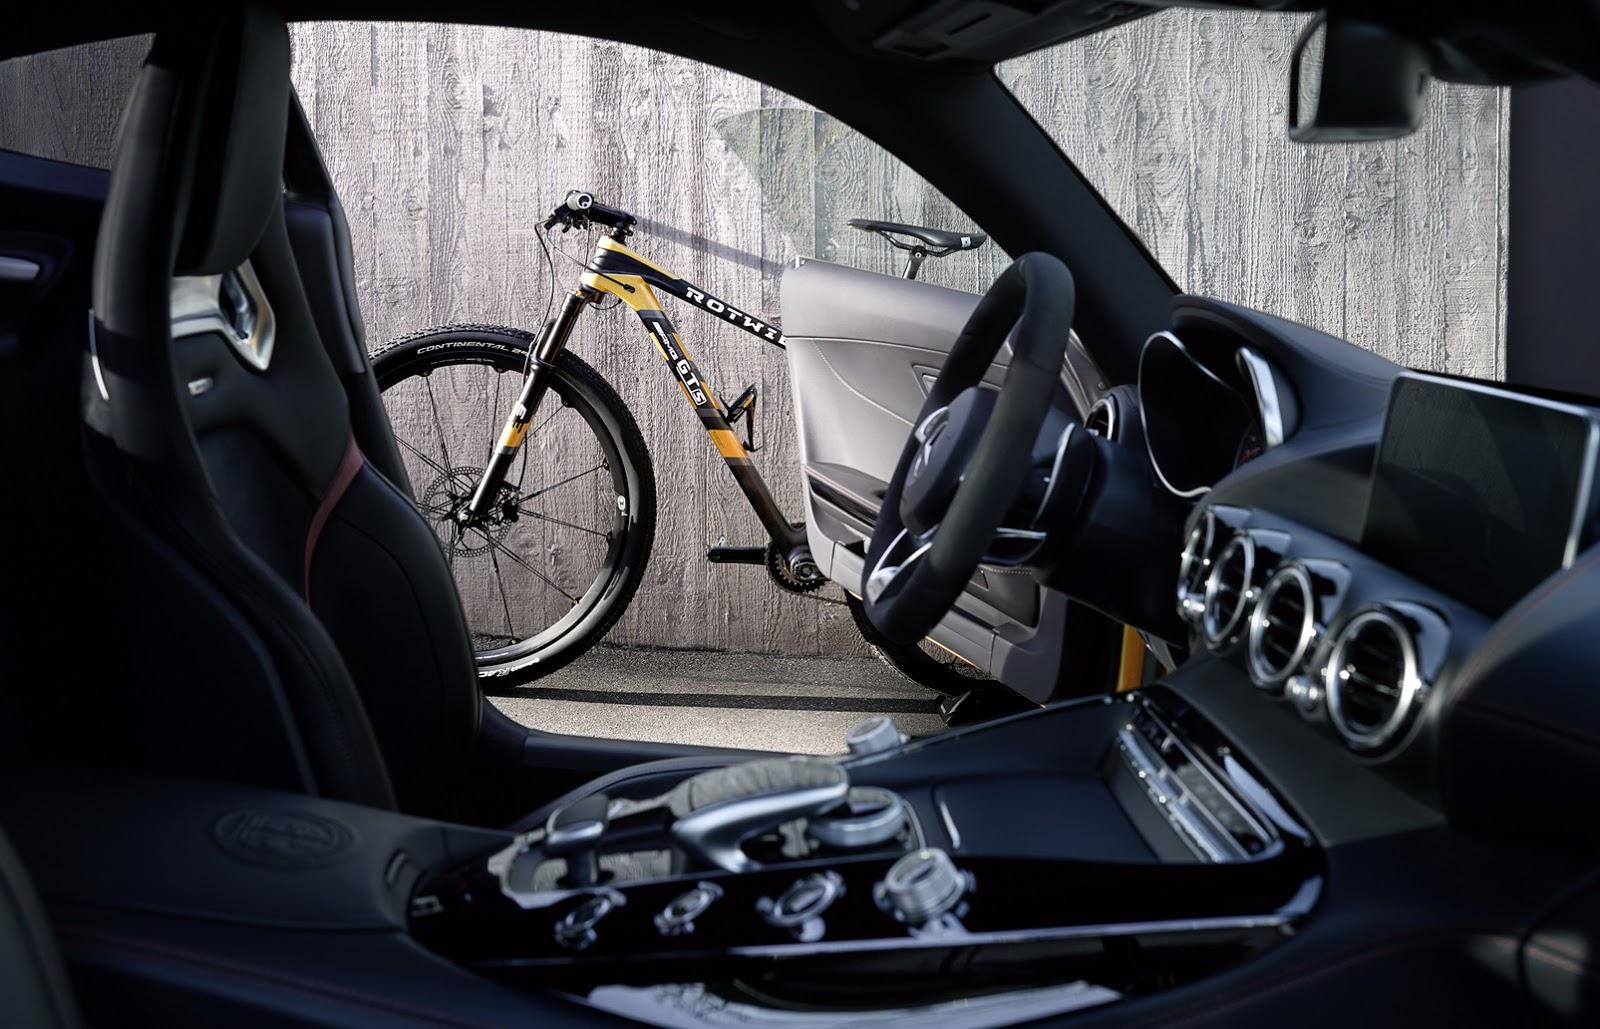 Mercedes-AMG-GT-S-Bike-6